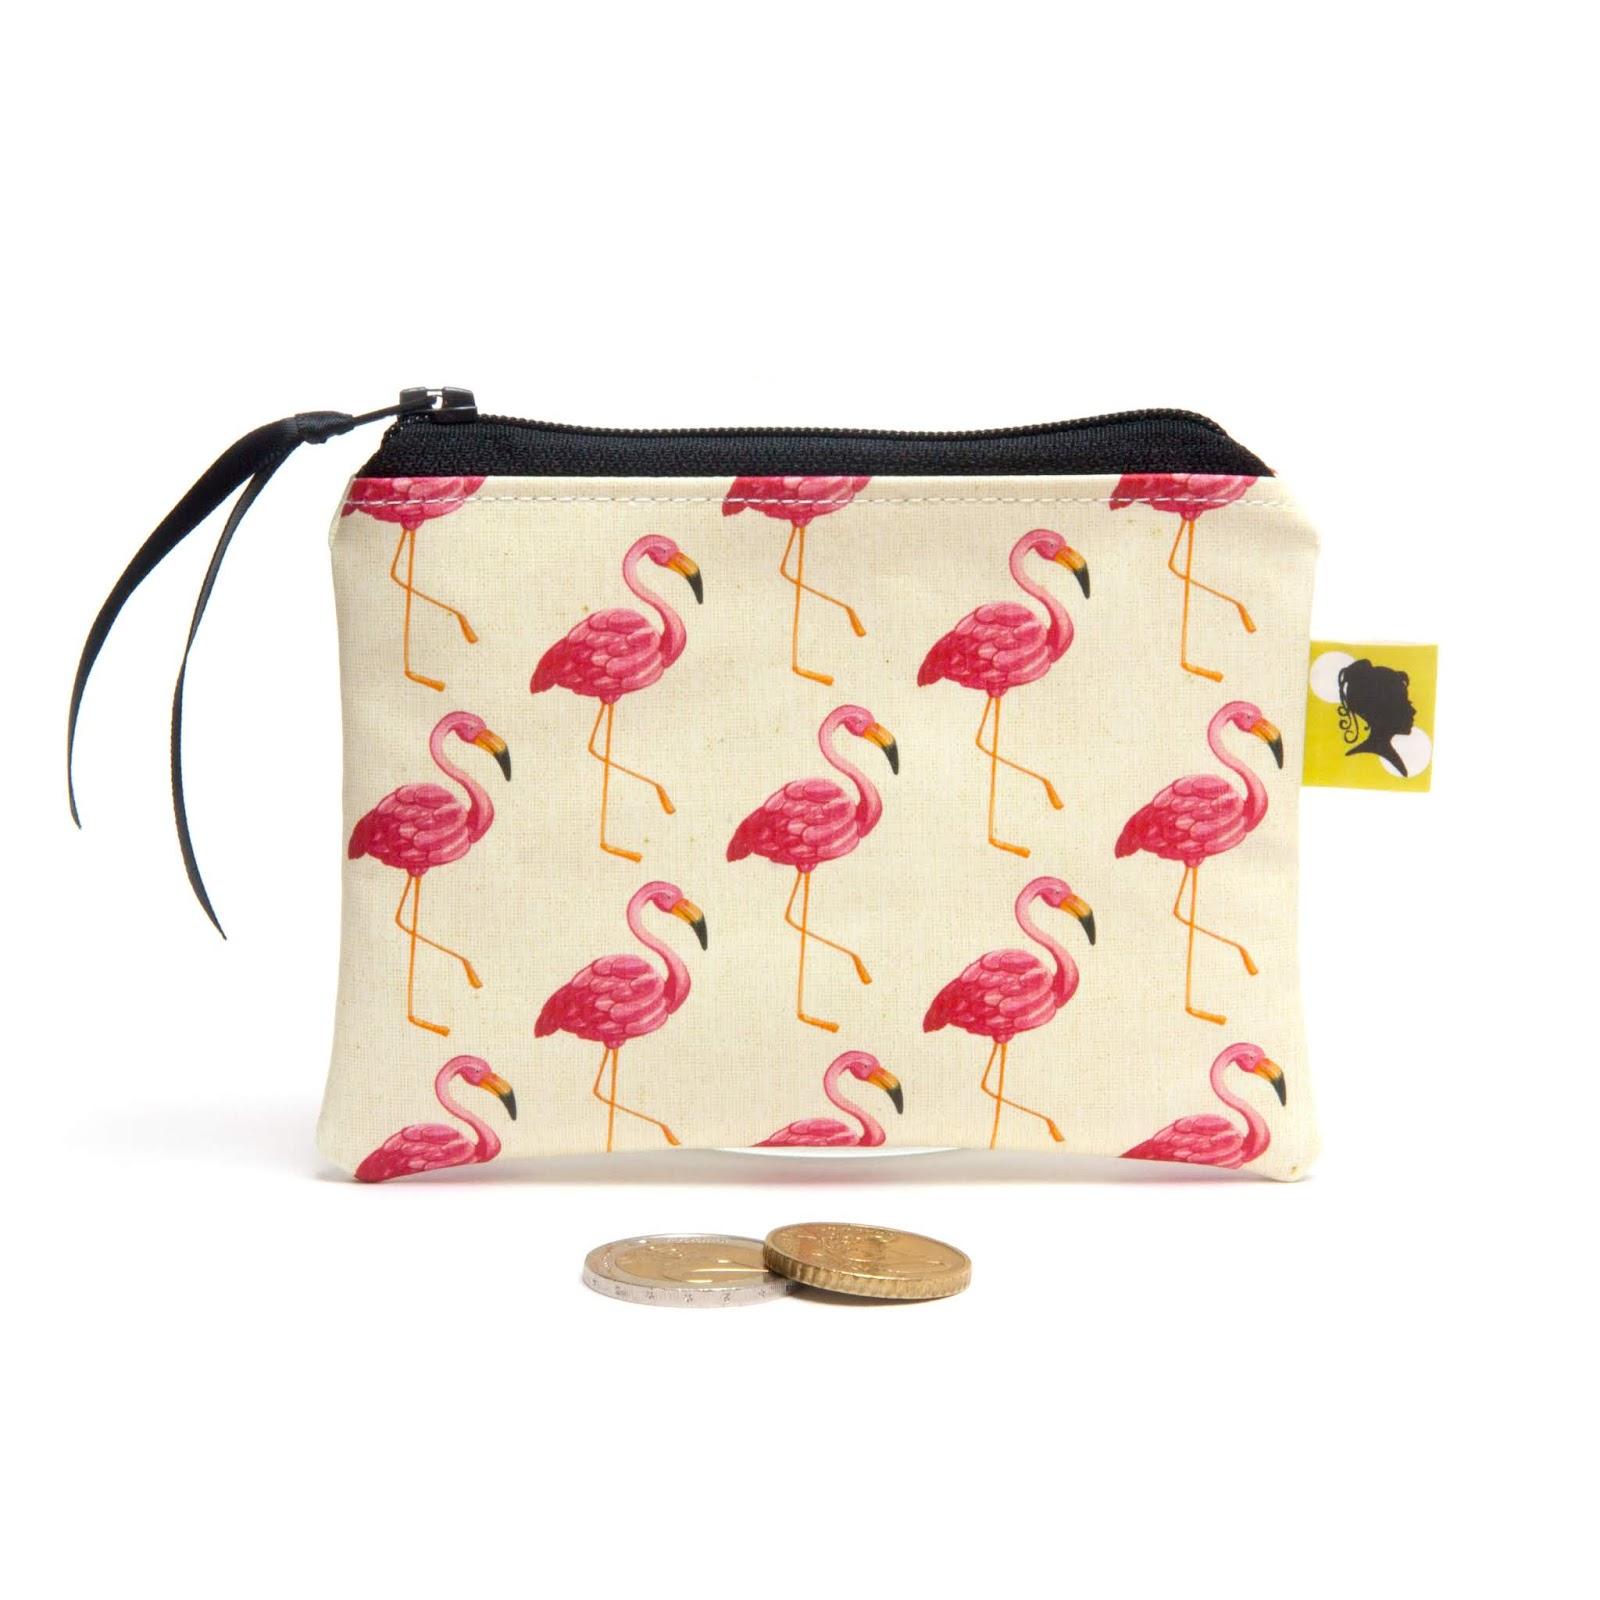 Porte-monnaie, bourse, pochette, fait-main, idée cadeau femme, fête des mères, maîtresse, nounou, motif flamants roses, doublé, 12x9 cm